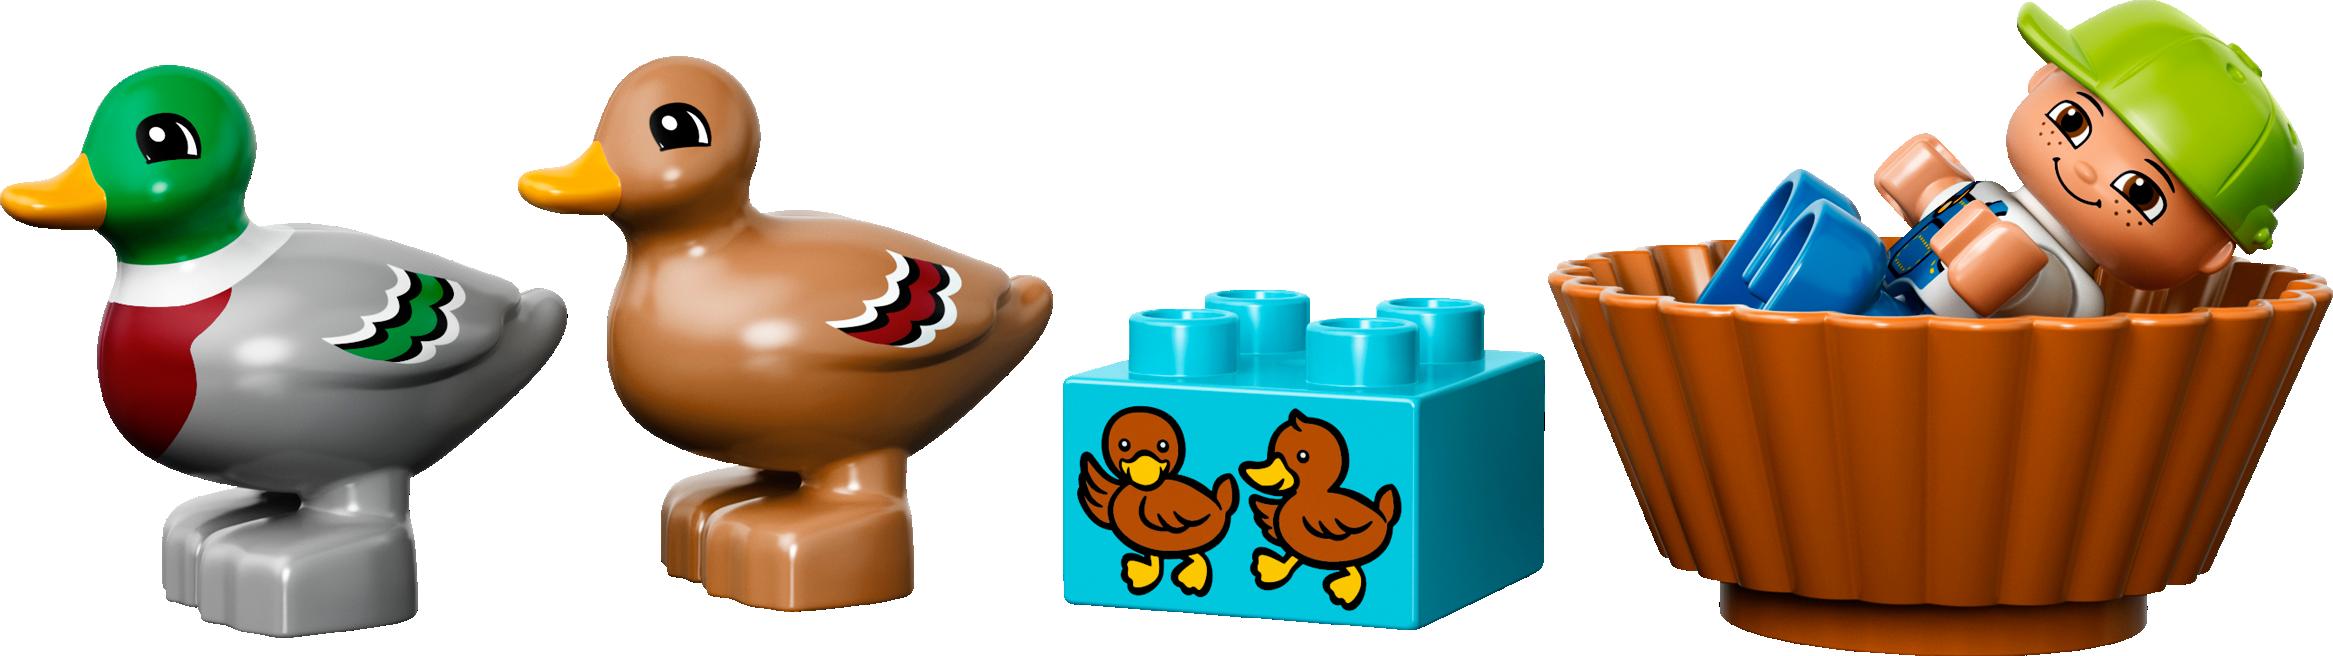 Forest: Ducks